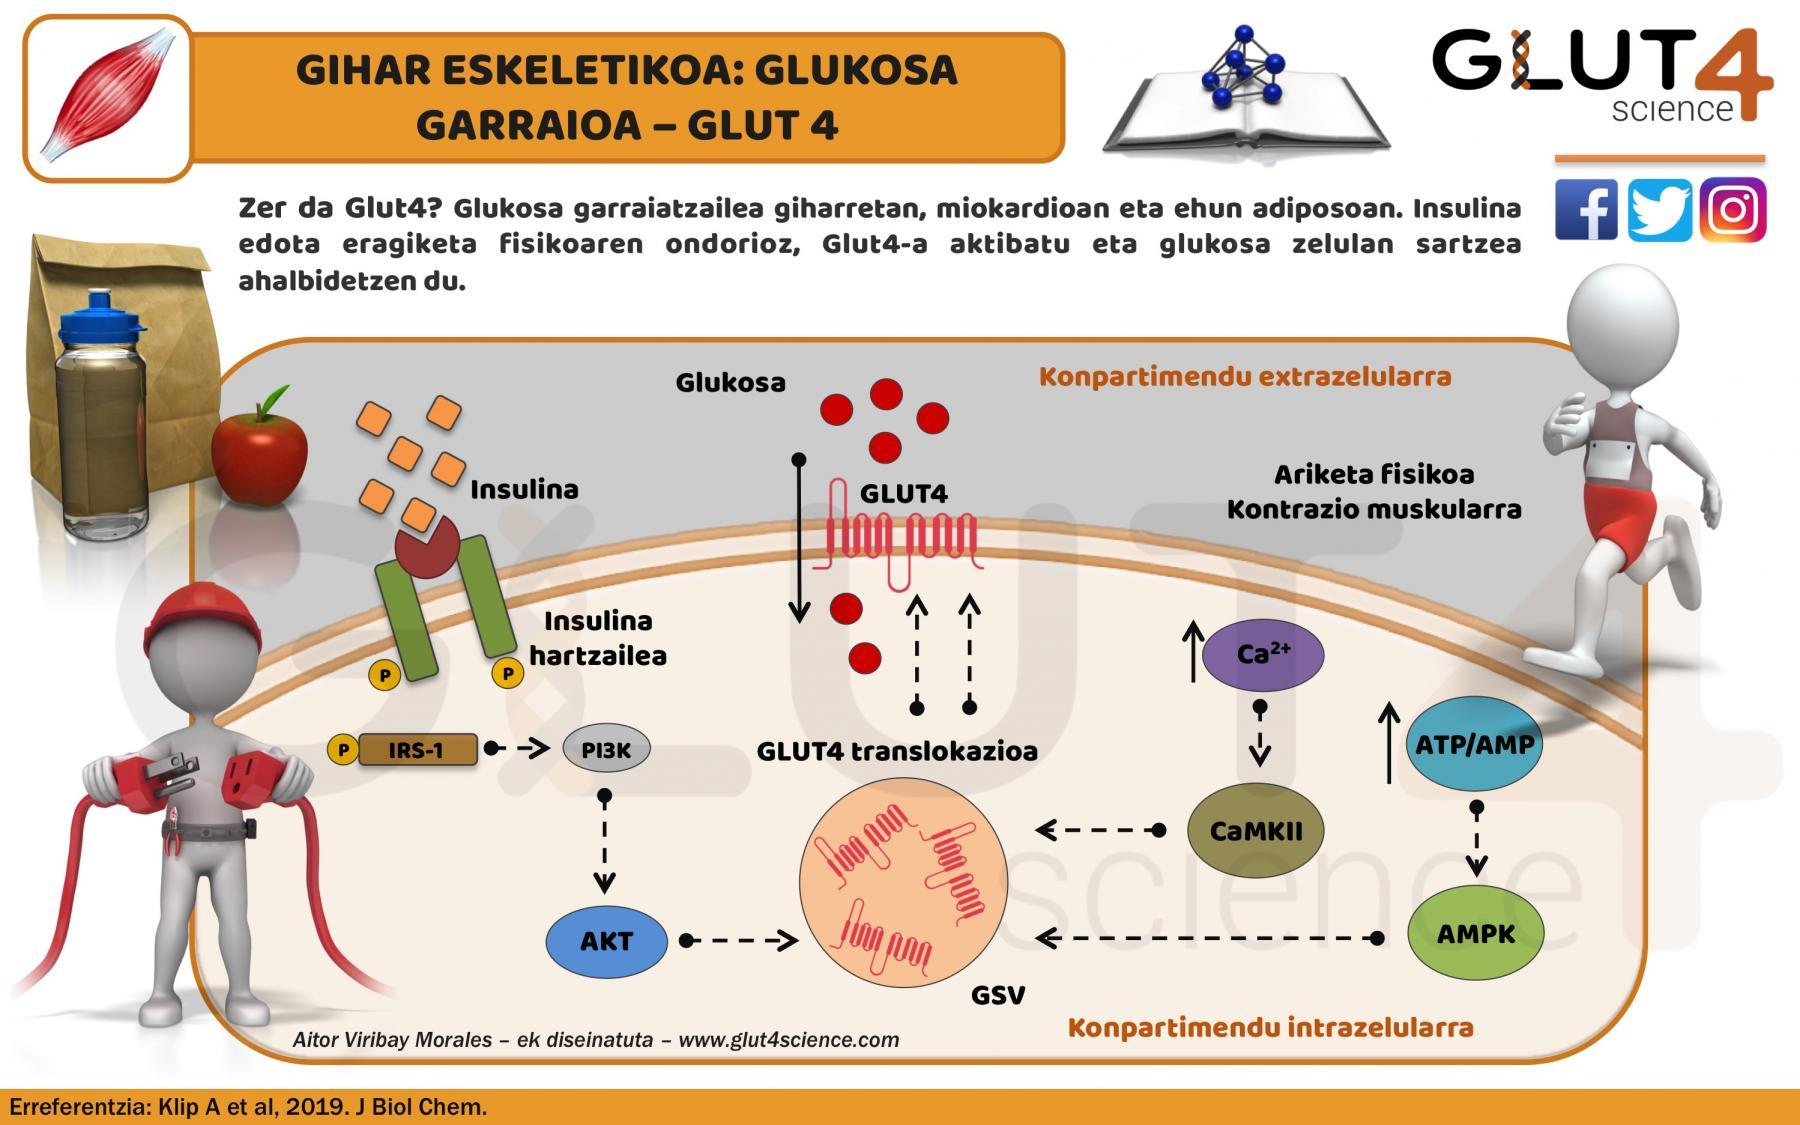 Glukosa garraiatzailea GLUT4